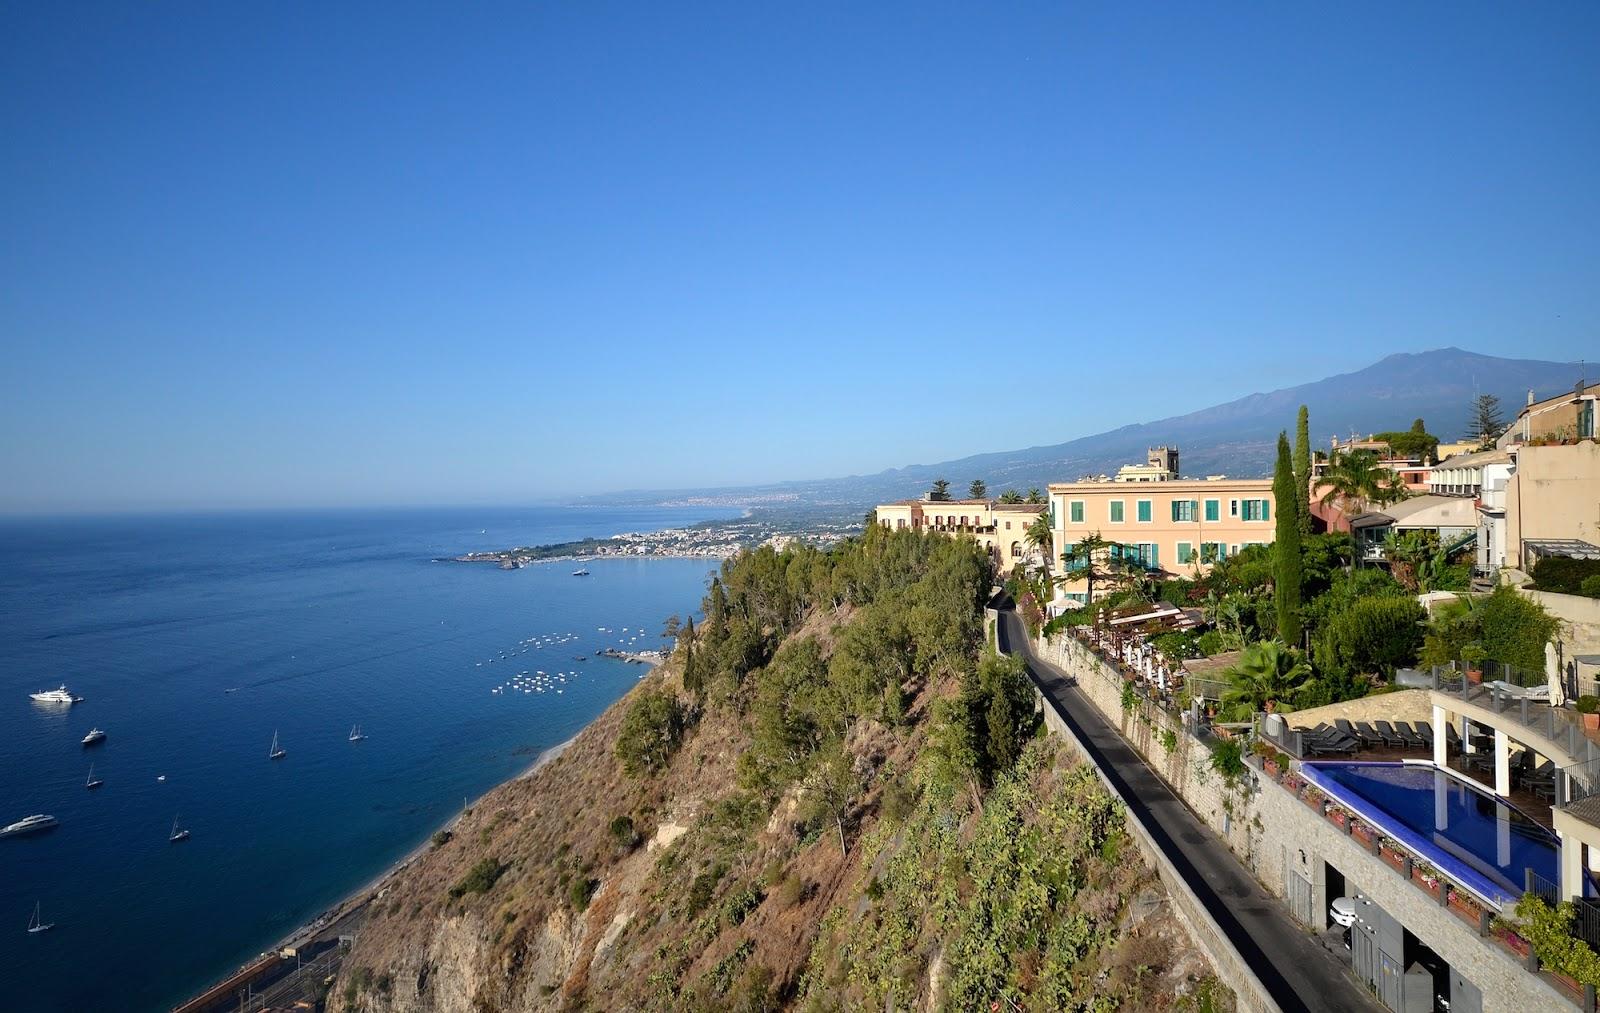 wakacje | sycylia | co zobaczyc na sycylii | loty do taorminy